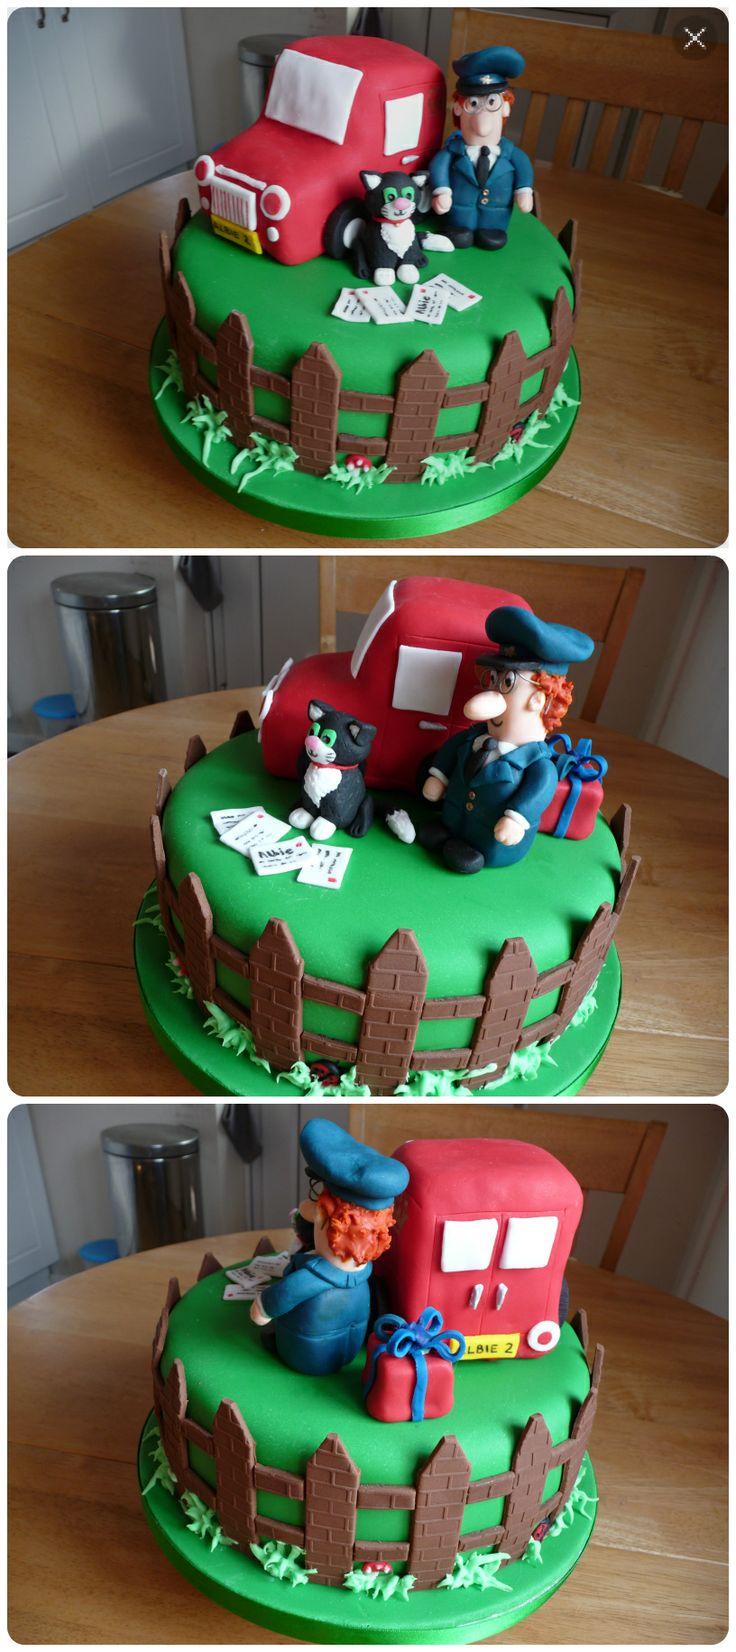 Postman Pat Birthday cake. Credit: Makeybakeycakey, Nottingham.